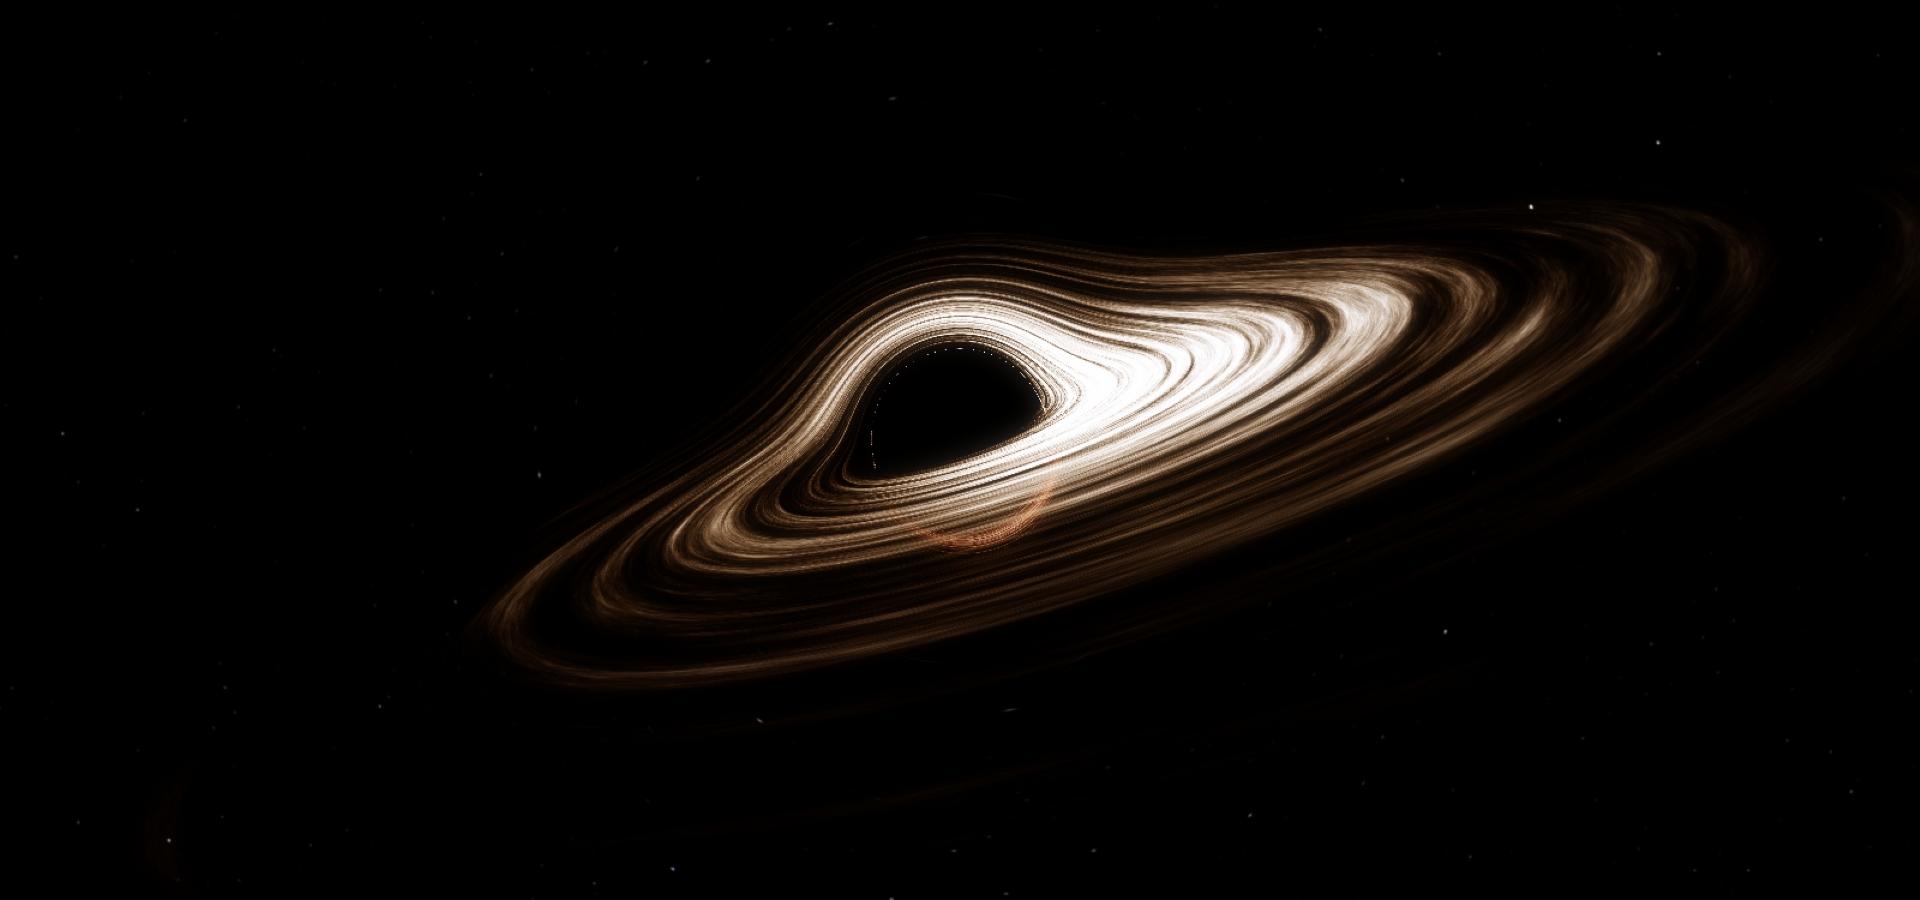 اثر دوپلر کشف سیاه چاله